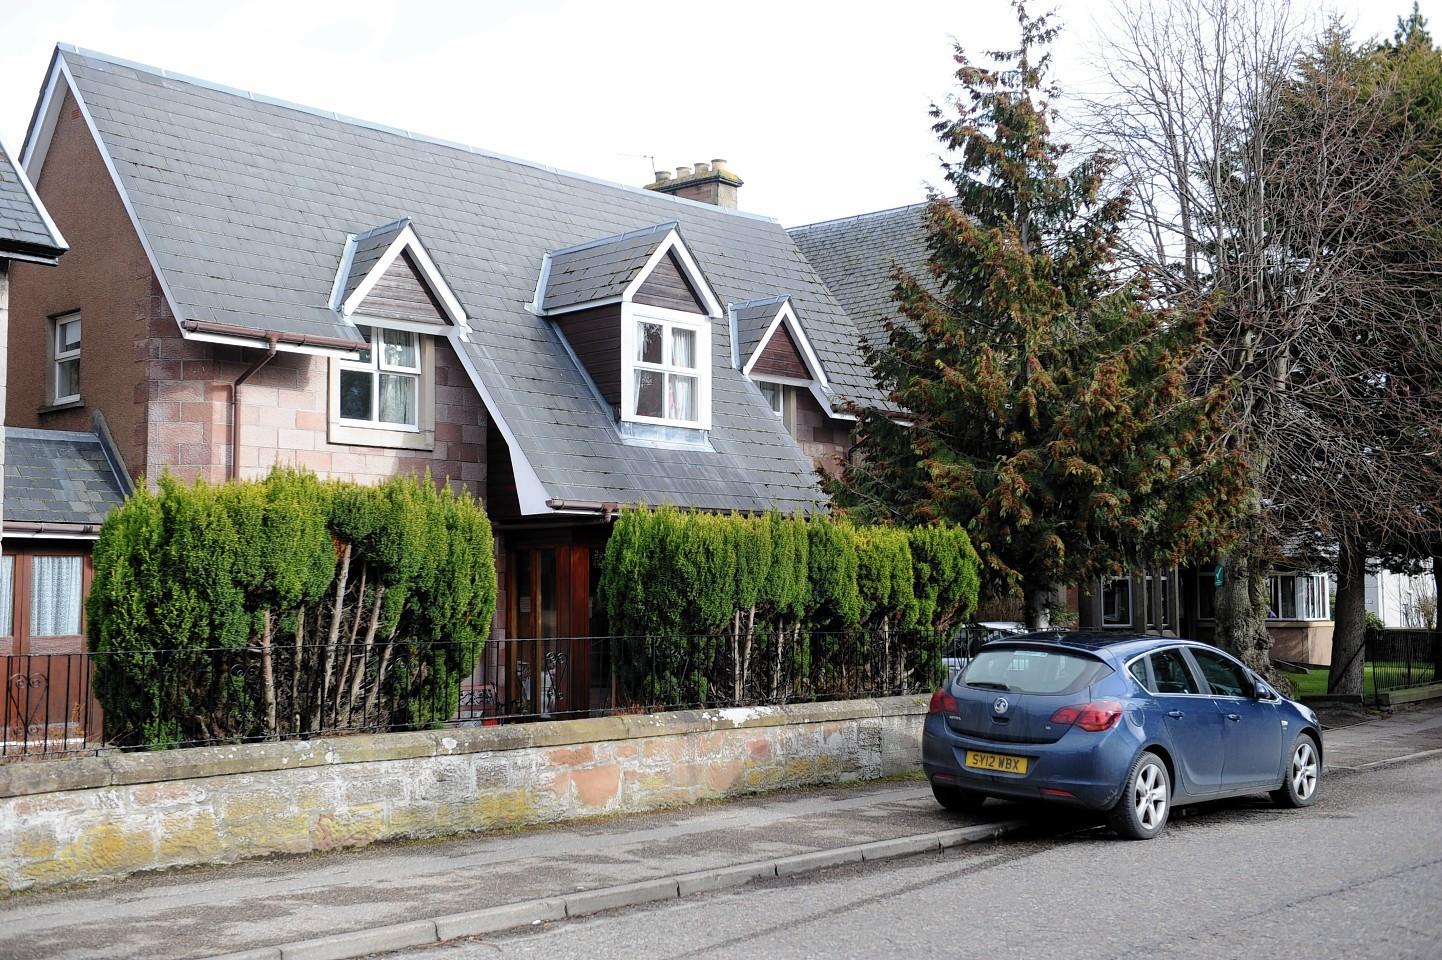 Fairfield Care Home